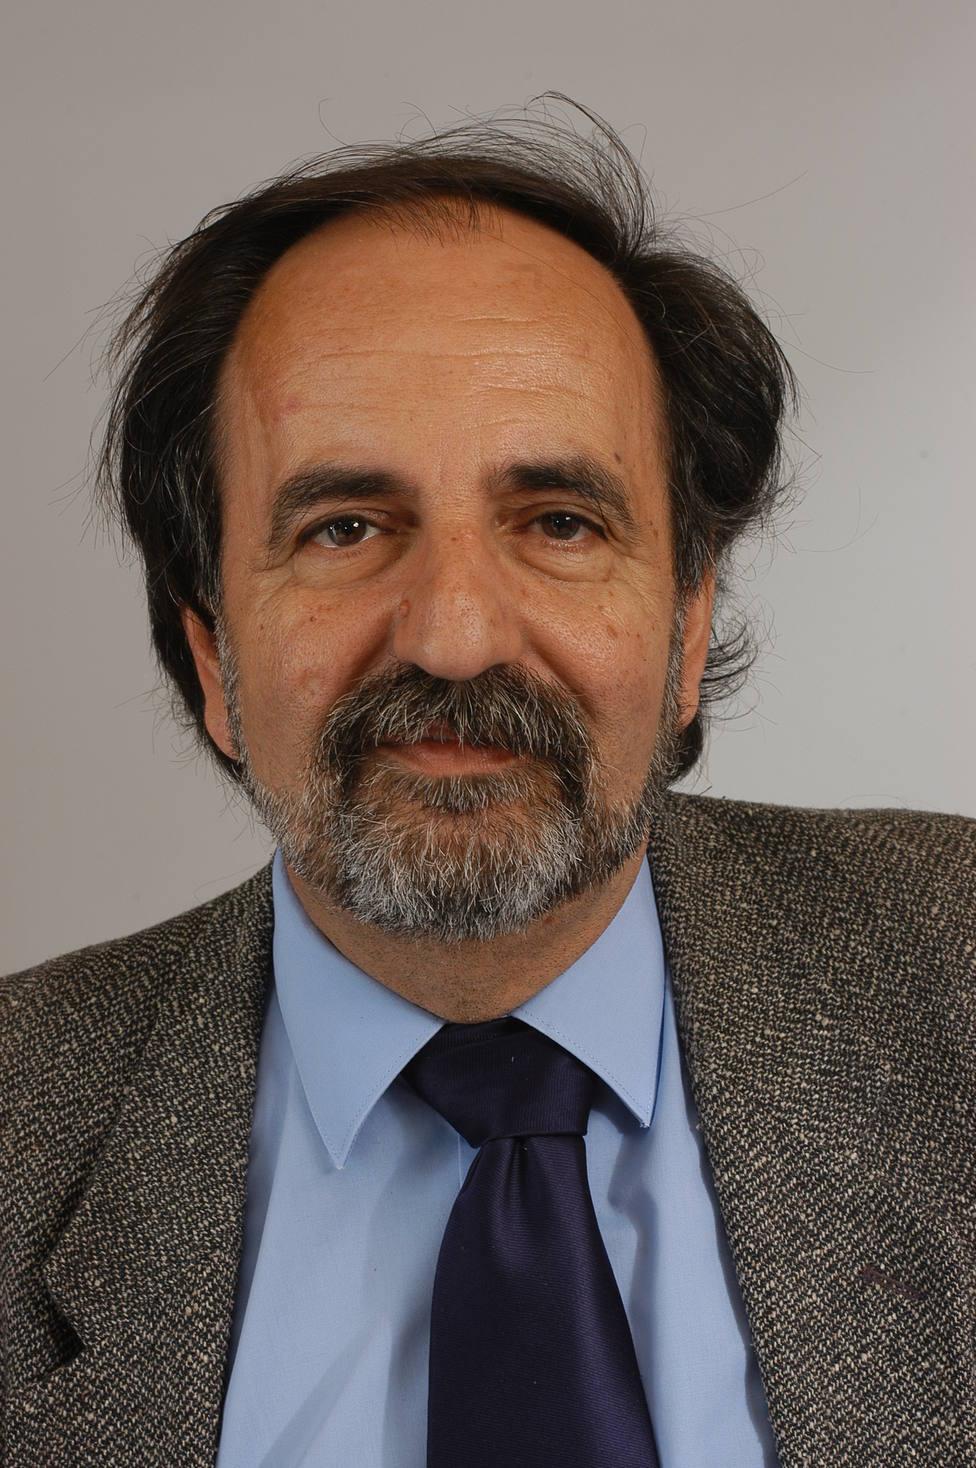 Fallece el magistrado Plácido Fernández-Viagas Bartolomé